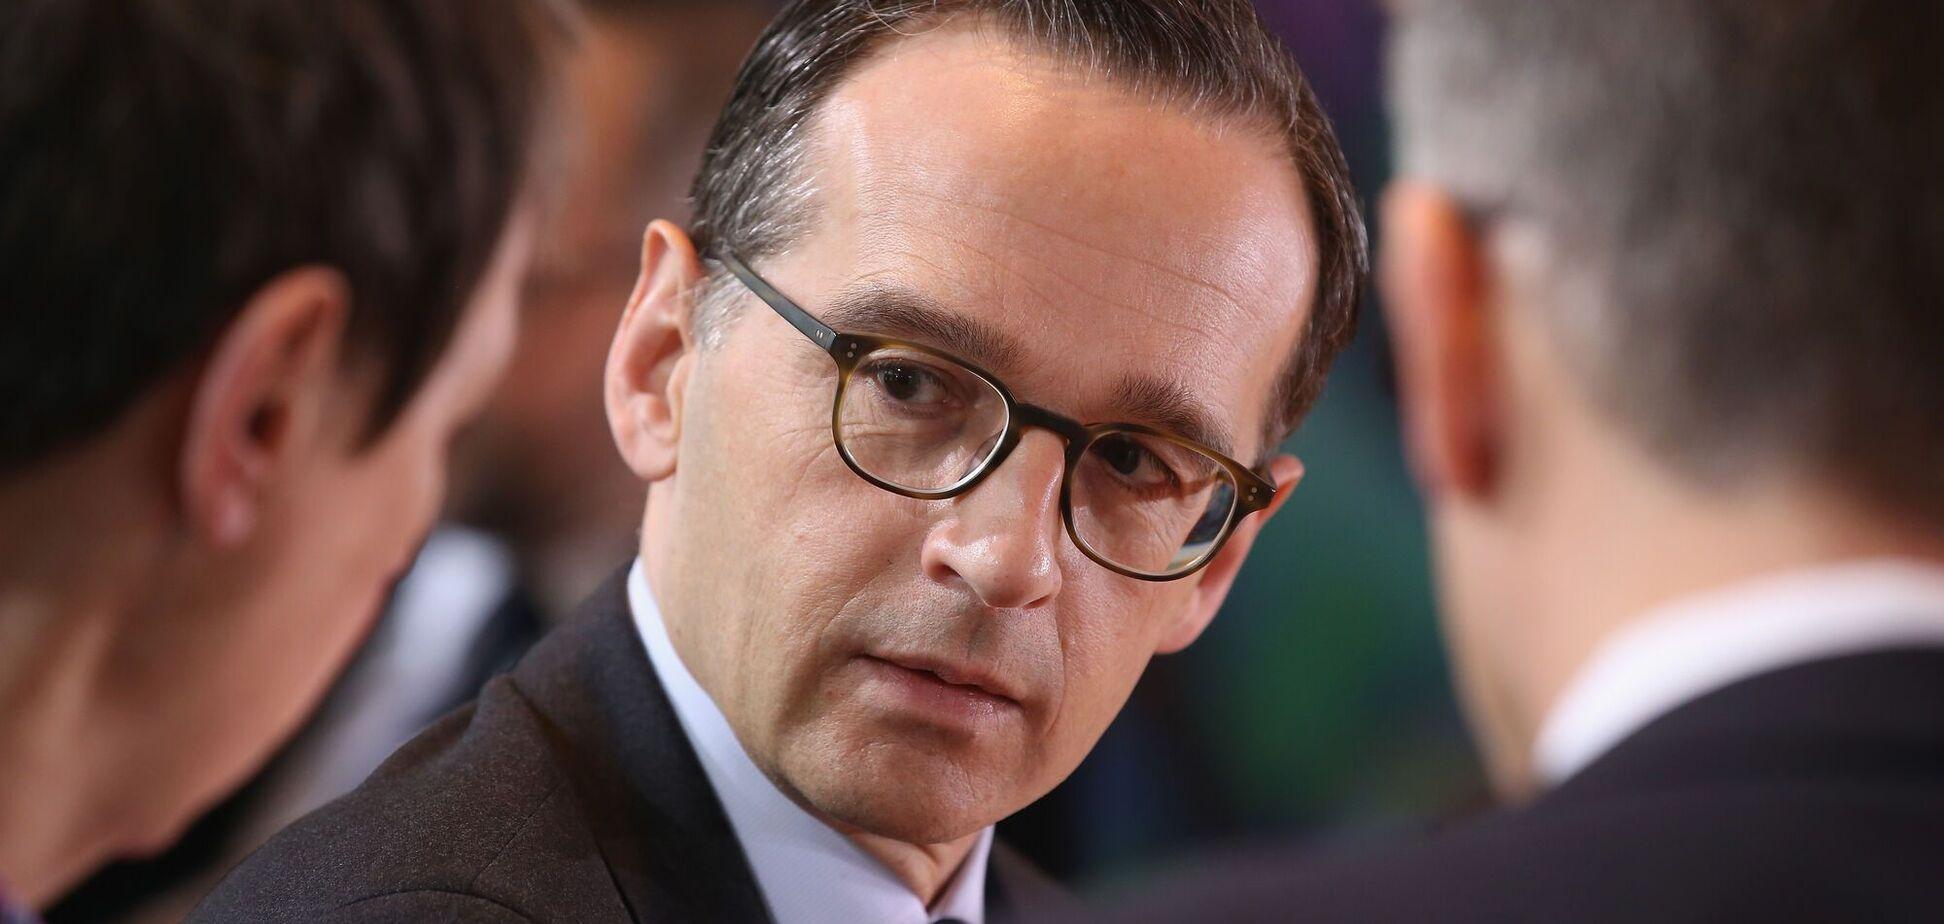 Глава МЗС Німеччини про переговори щодо Донбасу: потрібна нова динаміка і підтримка США